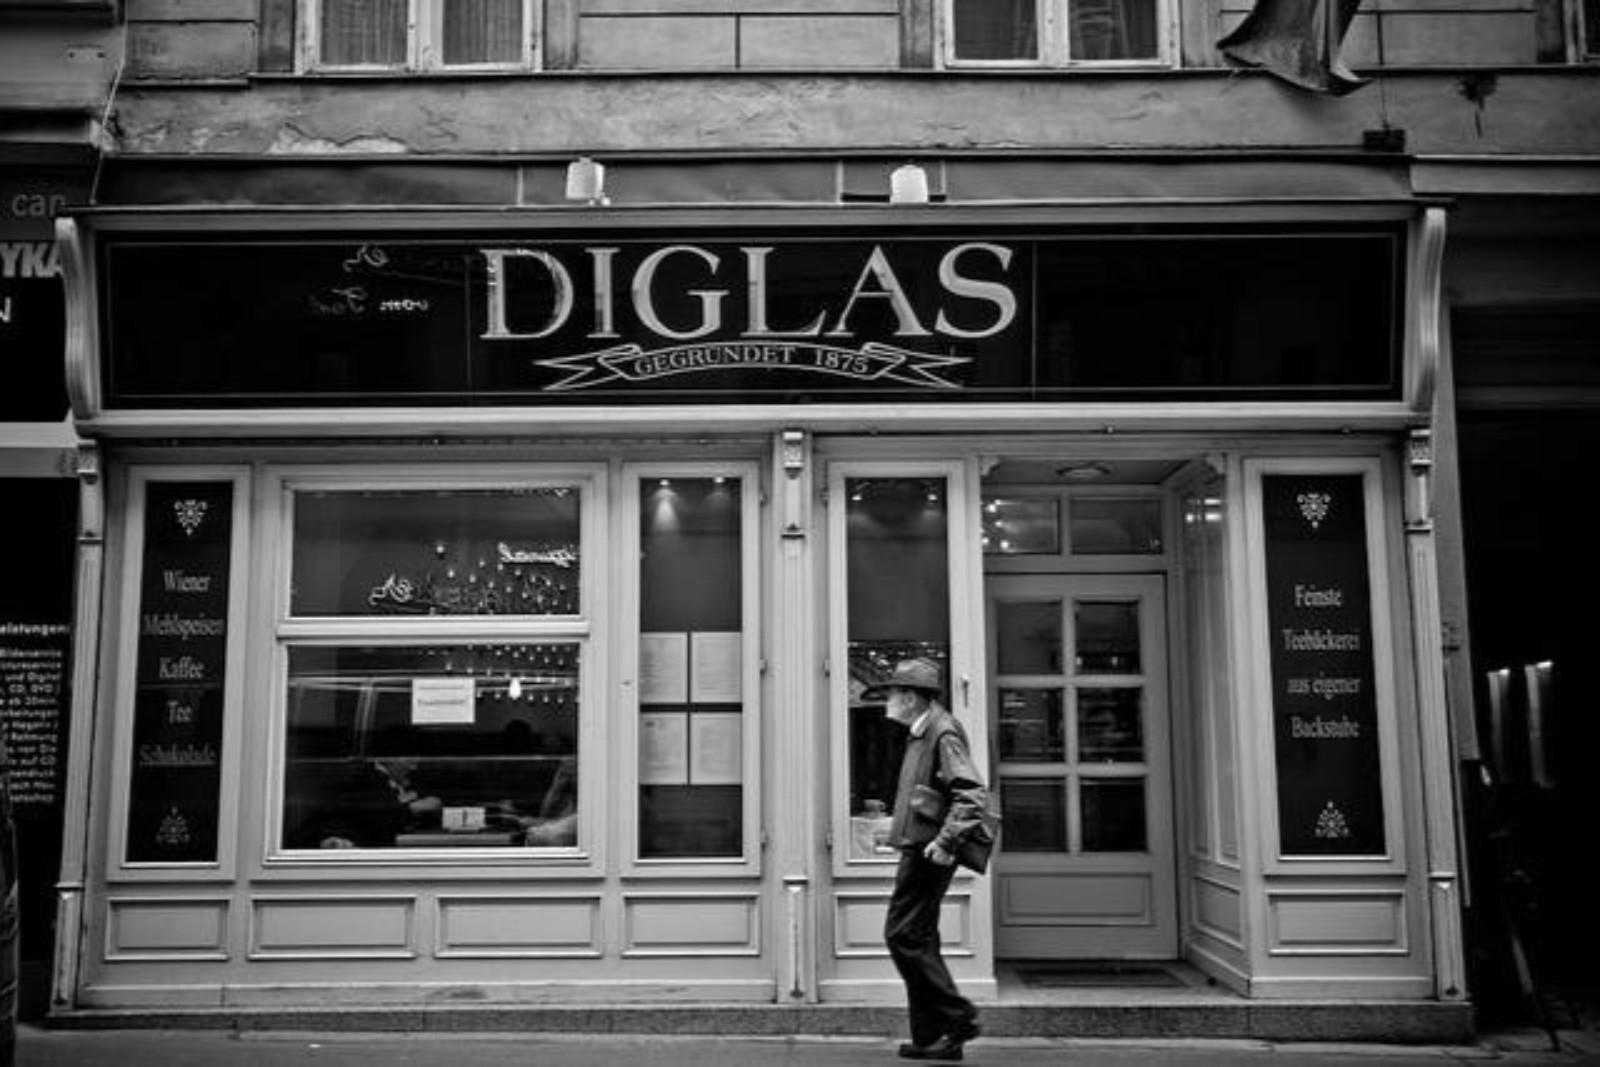 Café Diglas am Fleischmarkt 4